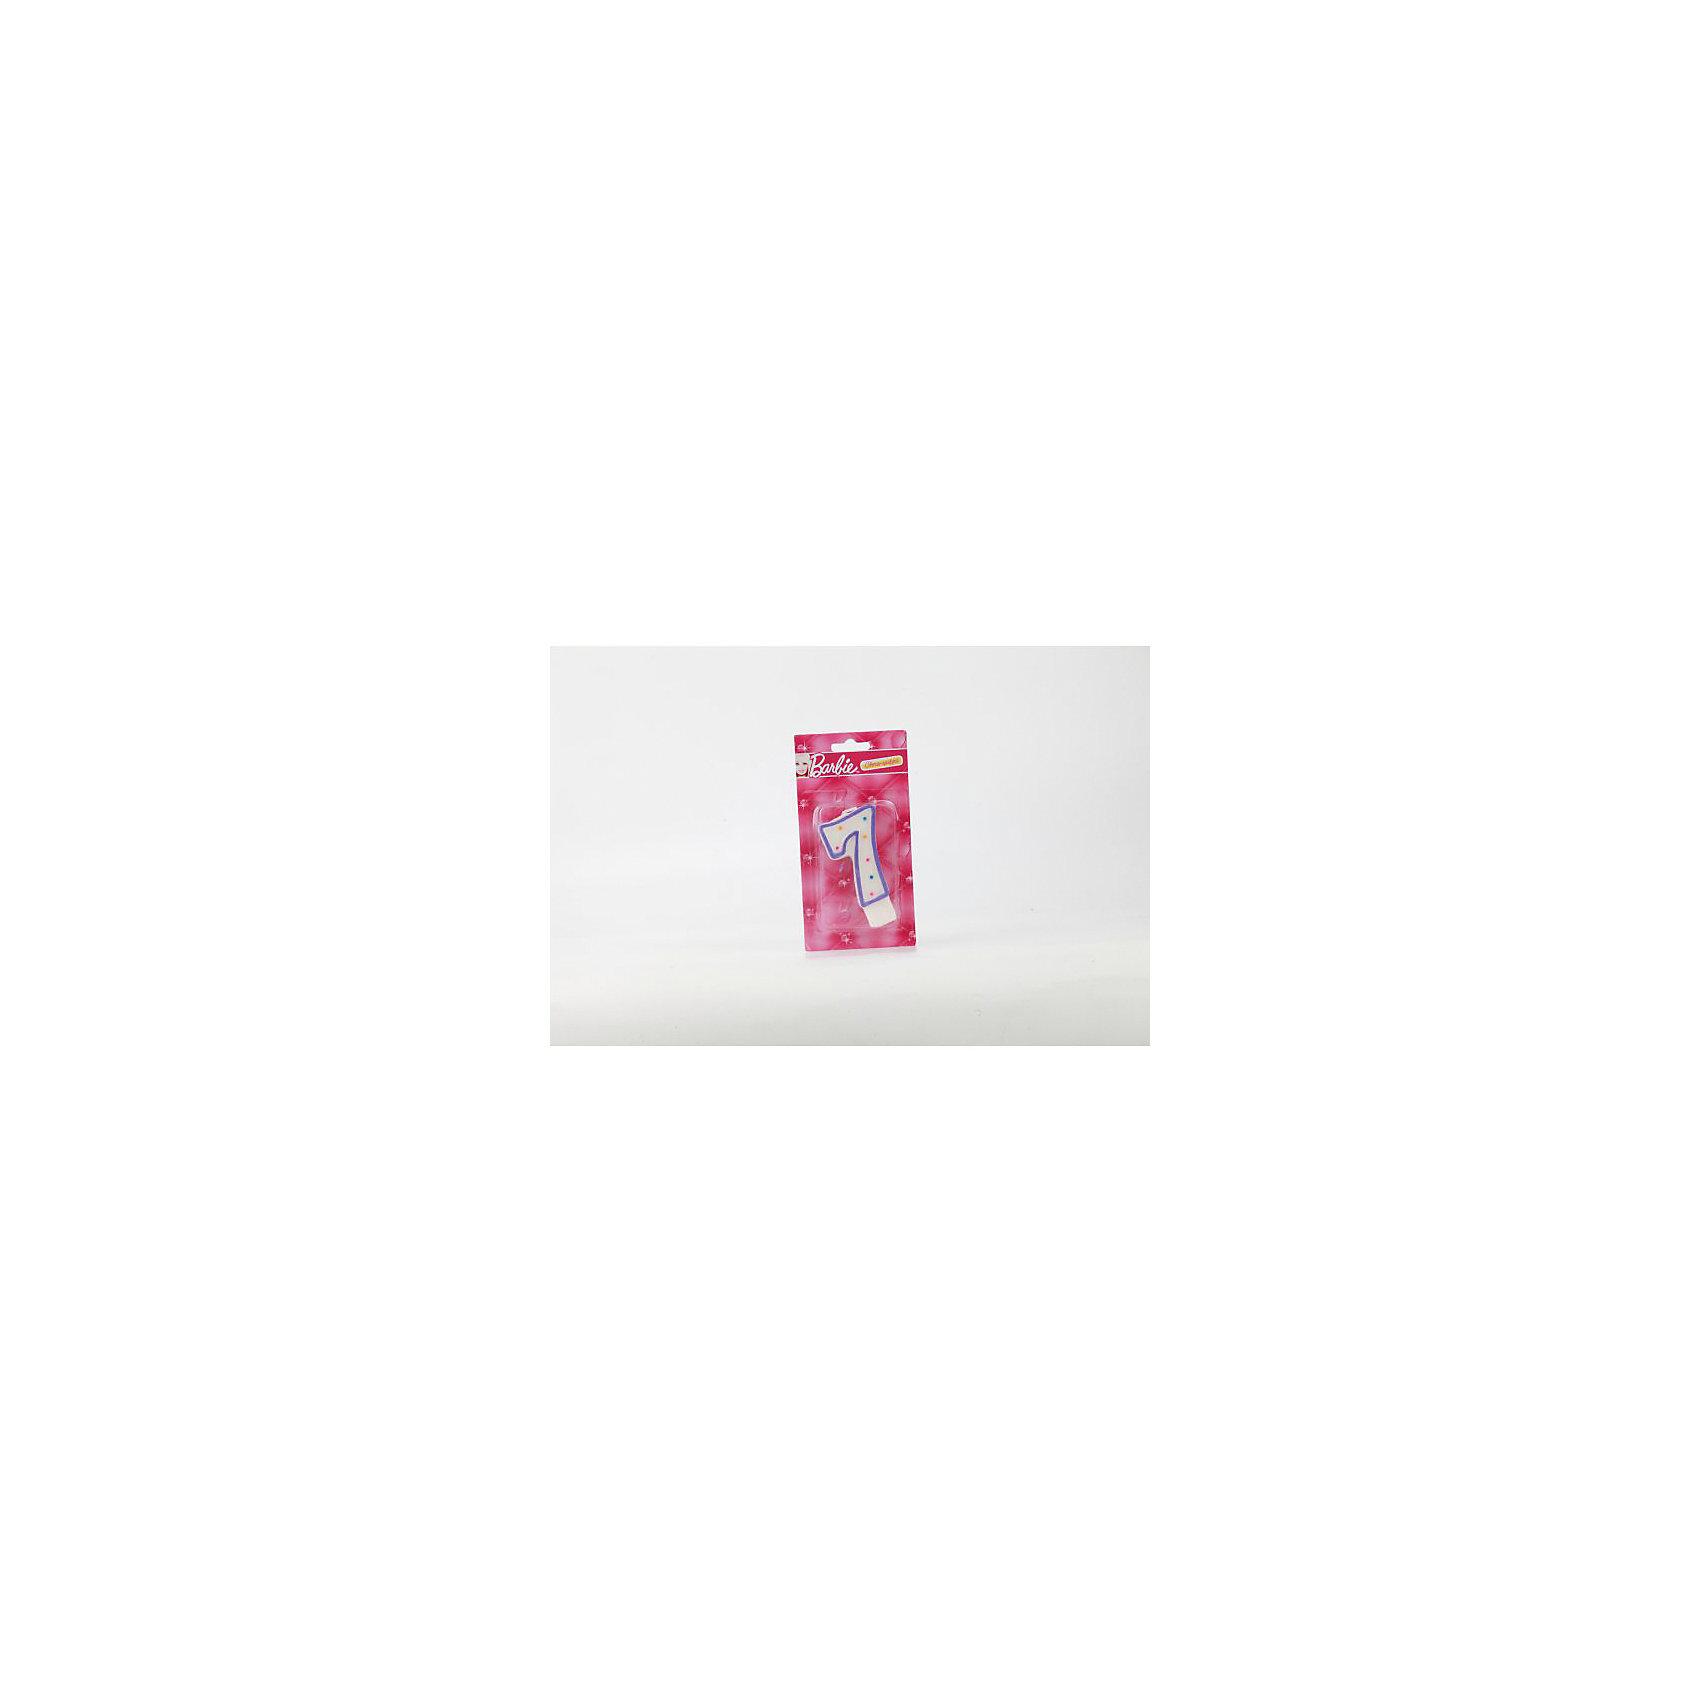 Свеча-цифра 7, BarbieХарактеристики товара:<br><br>• размер упаковки: 2х15х8 см<br>• вес: 30 г<br>• материал: парафин<br>• упаковка: блистер<br>• страна бренда: РФ<br>• страна изготовитель: РФ<br><br>Такой предмет станет отличным сюрпризом для детей на праздник! Свеча отличается тем, что на её упаковке изображены любимые герои многих детей. Предмет поможет создать праздничное настроение, особенно - в компании детей. <br>Свеча выпущена в удобном формате, размер изделия - универсальный. Свеча производится из качественных и проверенных материалов, которые безопасны для детей.<br><br>Свечу-цифру 7, Barbie, от российского бренда Веселый праздник можно купить в нашем интернет-магазине.<br><br>Ширина мм: 20<br>Глубина мм: 150<br>Высота мм: 80<br>Вес г: 30<br>Возраст от месяцев: 12<br>Возраст до месяцев: 72<br>Пол: Женский<br>Возраст: Детский<br>SKU: 5196954